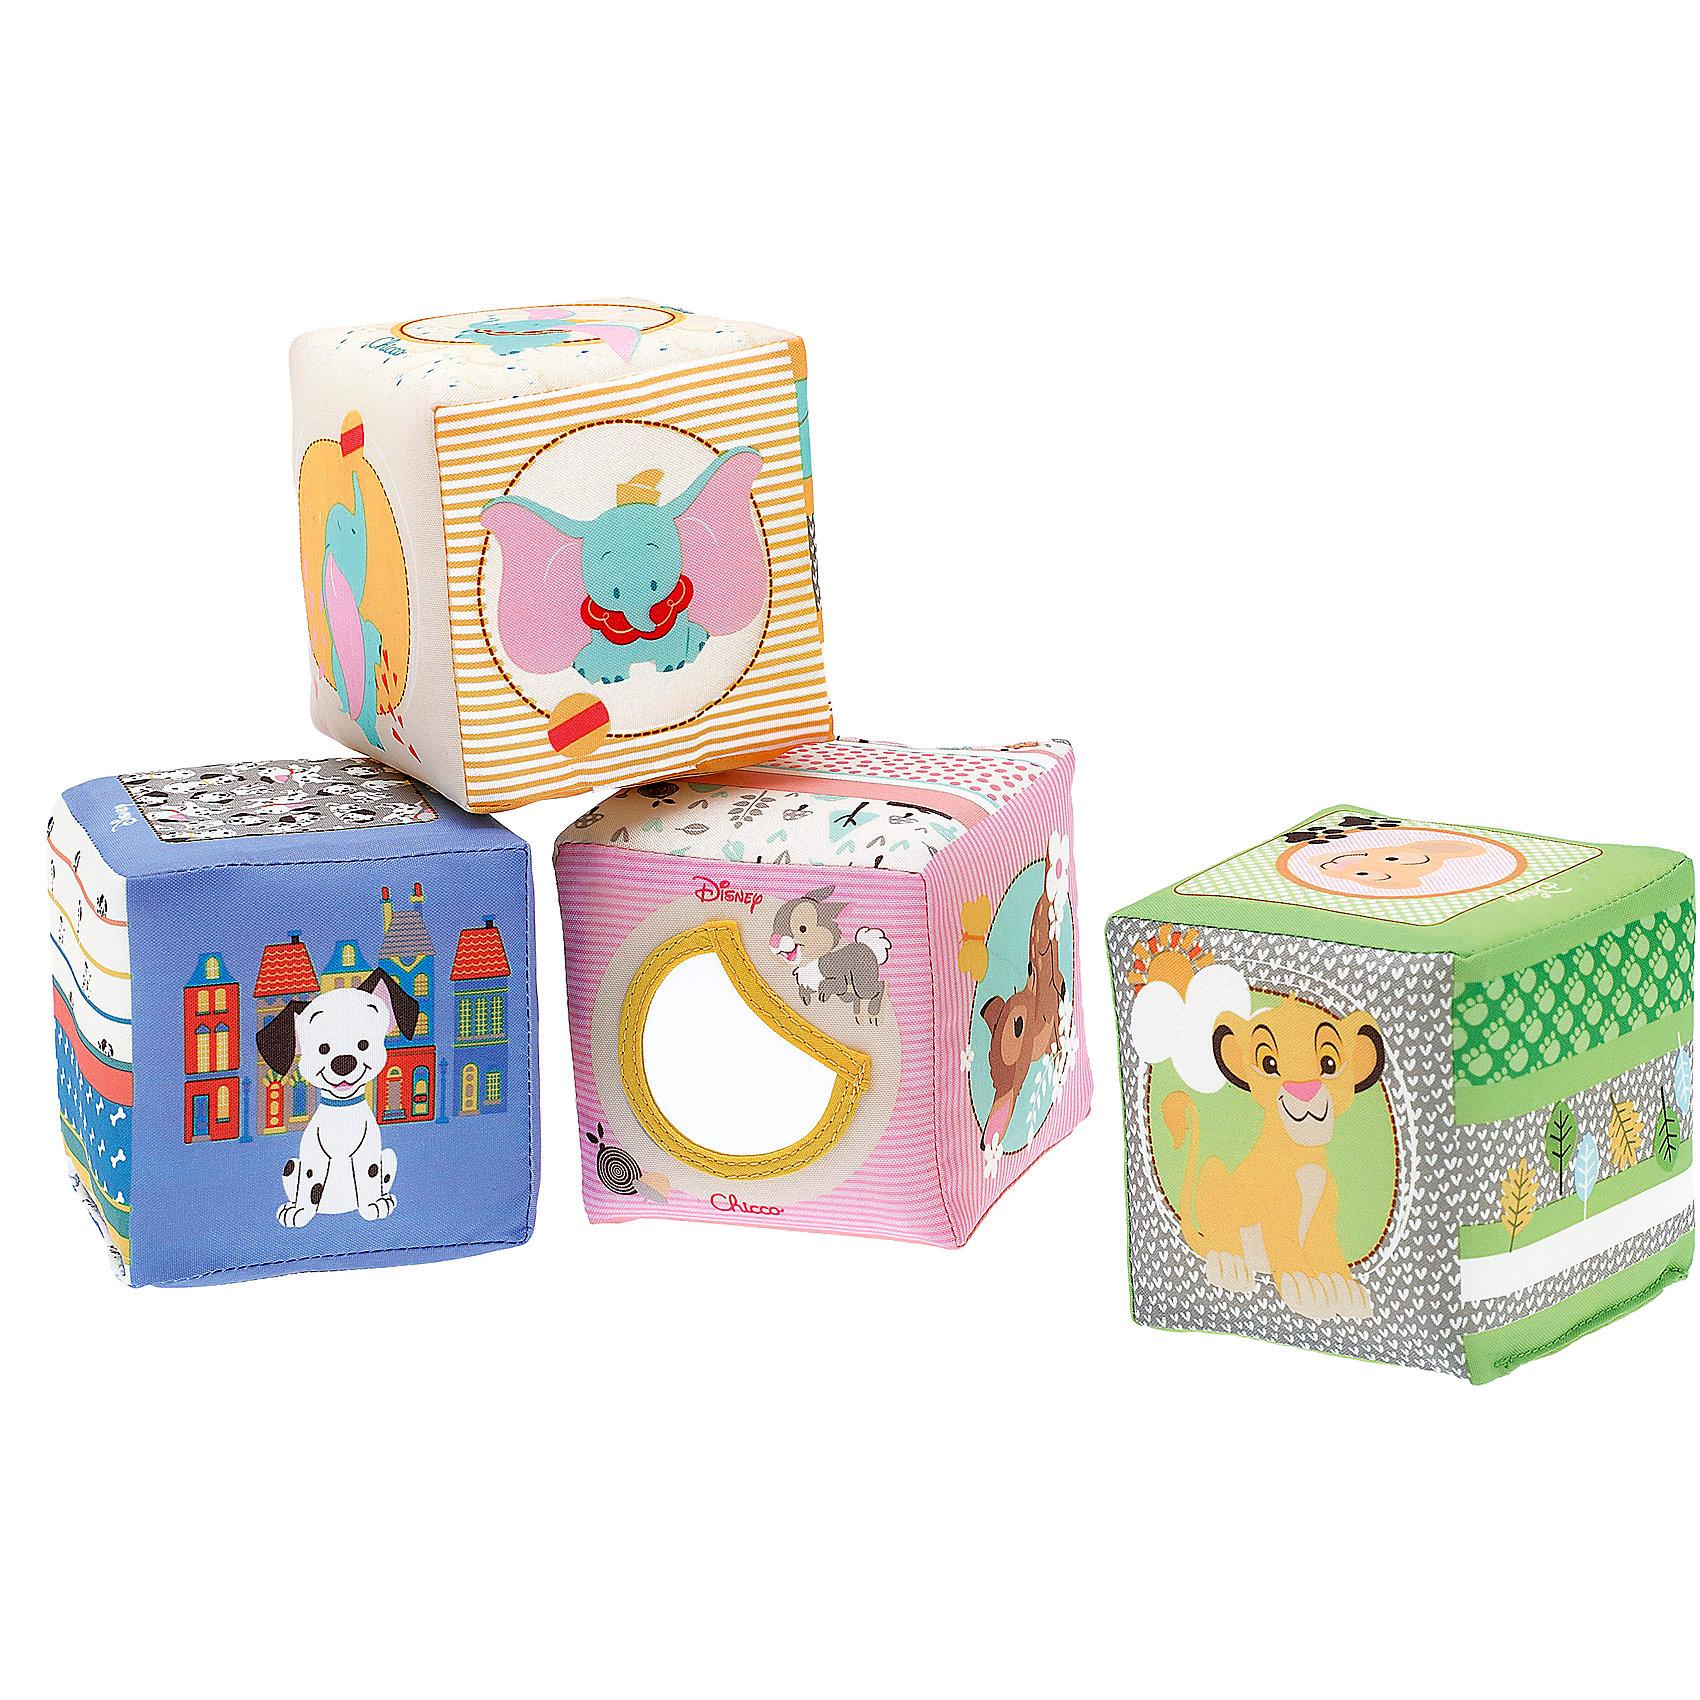 Мягкие кубики Бэмби, Disney, CHICCOКубики<br>Мягкие кубики Бэмби, Disney, CHICCO (ЧИКО) – эти разноцветные веселые кубики с мягкой набивкой внутри позабавят и развеселят ребенка.<br>Любимые герои Disney оживают на мягких кубиках Chicco! C их помощью можно придумать множество разных игр, которые развеселят и позабавят малыша. Каждая сторона кубика украшена забавными изображениями и яркими принтами. Каждый кубик способствует развитию сенсорики: зрительного, тактильного и слухового восприятия. Кубики издают шуршащие и звенящие звуки, а у кубика с изображением героя анимационного фильма Disney Бемби есть безопасное зеркальце, которое создает забавные световые эффекты.<br><br>Дополнительная информация:<br><br>- В наборе: 4 кубика<br>- Размер кубика: 8 х 8 х 8 см.<br>- Материал: текстиль, наполнитель<br>- Размер упаковки: 18 x 18 x 9 см.<br>- Вес в упаковке: 159 г.<br><br>Мягкие кубики Бэмби, Disney, CHICCO (ЧИКО) можно купить в нашем интернет-магазине.<br><br>Ширина мм: 182<br>Глубина мм: 177<br>Высота мм: 99<br>Вес г: 146<br>Возраст от месяцев: 6<br>Возраст до месяцев: 36<br>Пол: Унисекс<br>Возраст: Детский<br>SKU: 4162848